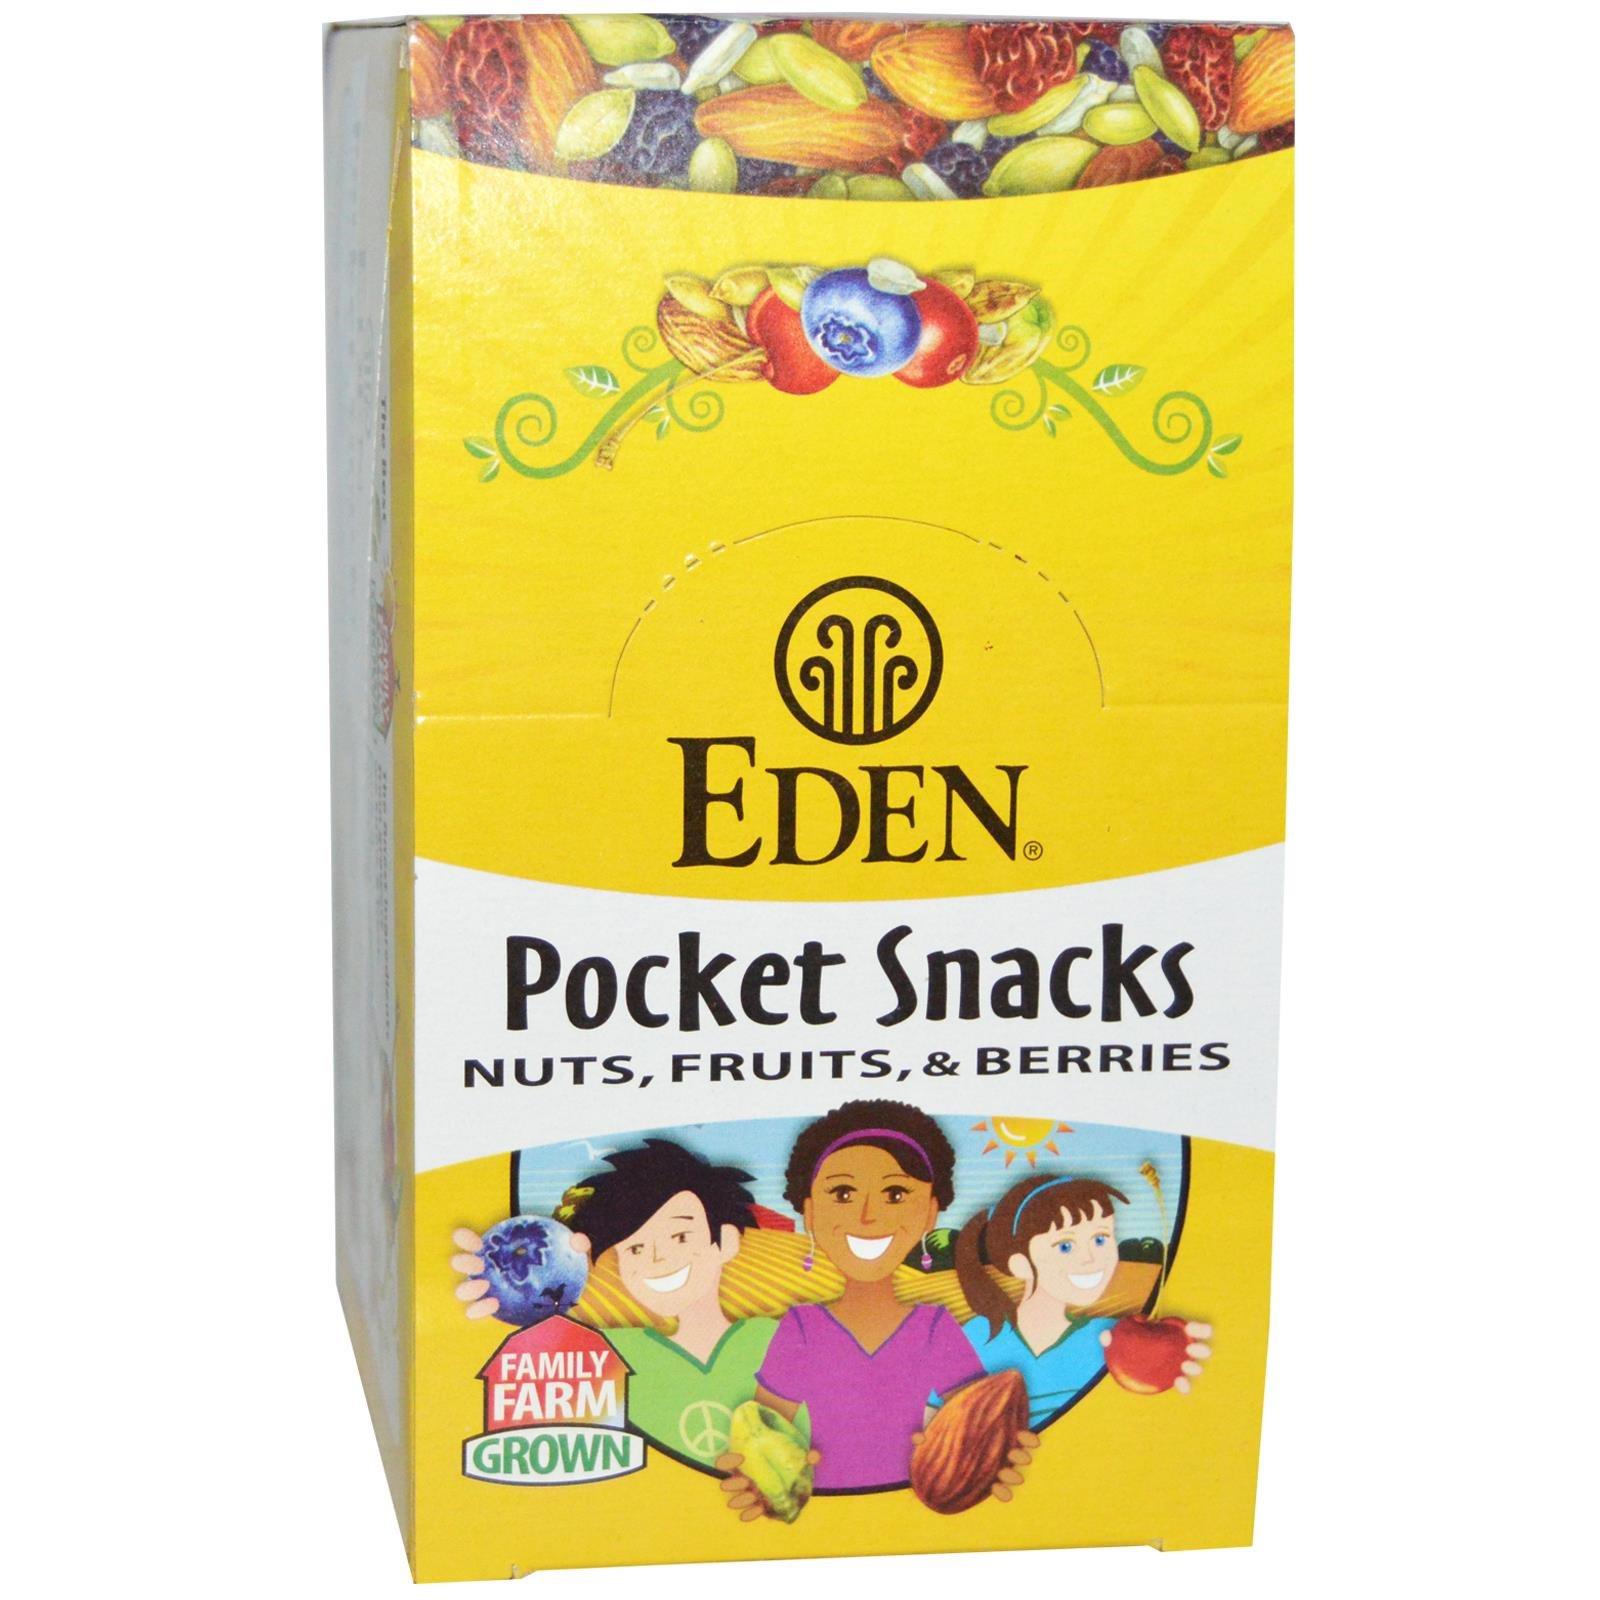 Eden Foods, Карманный перекус: микс из лесных ягод, 12 упаковок, 12 пакетиков по 28.3 г каждый